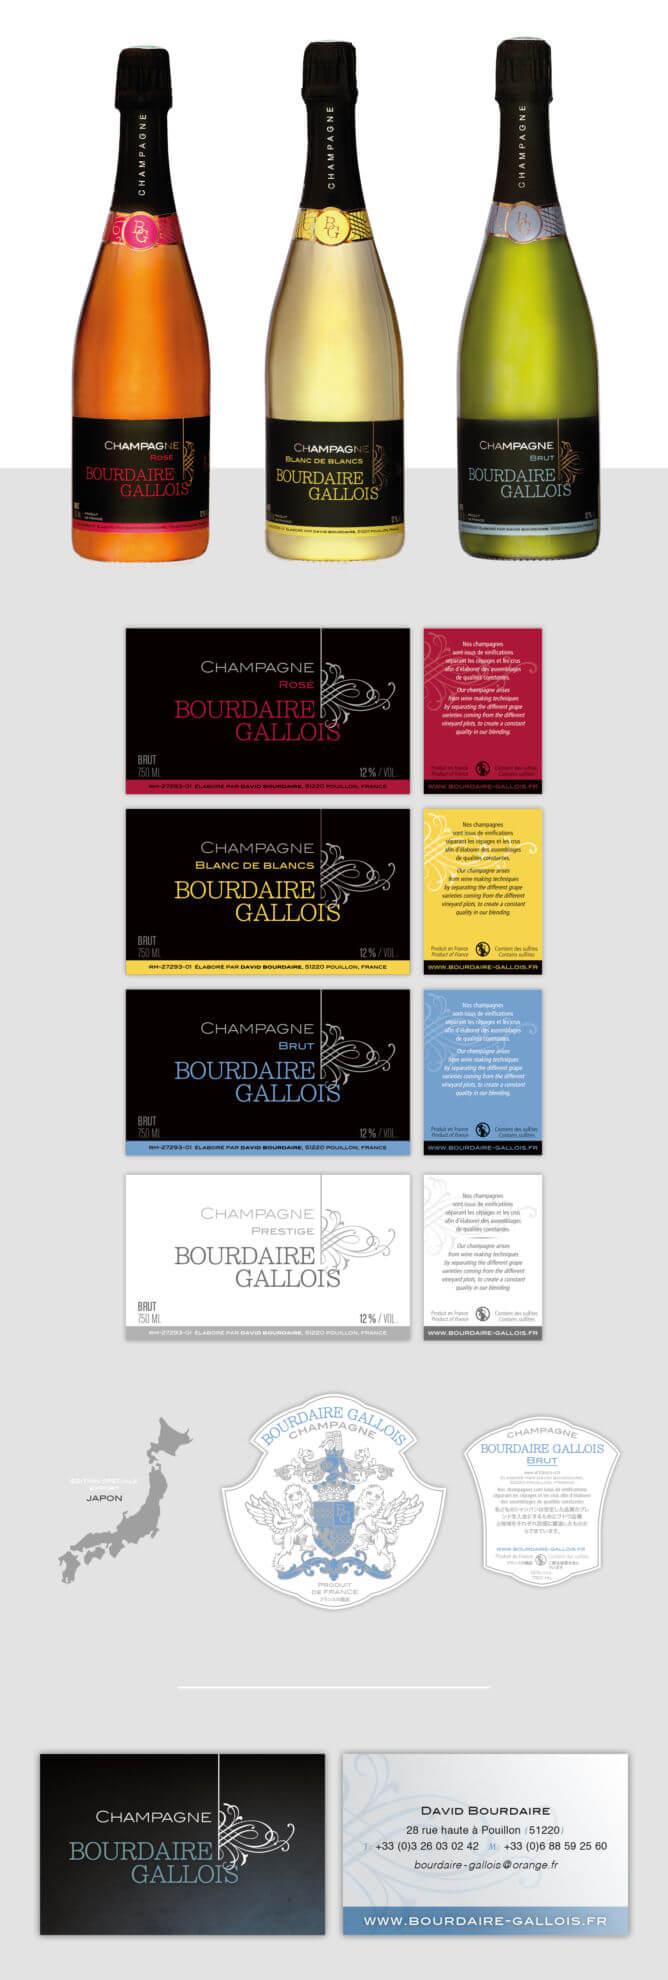 lezardscreation agence communication publicite vosges remiremont bourdaire gallois bourdaire ( )